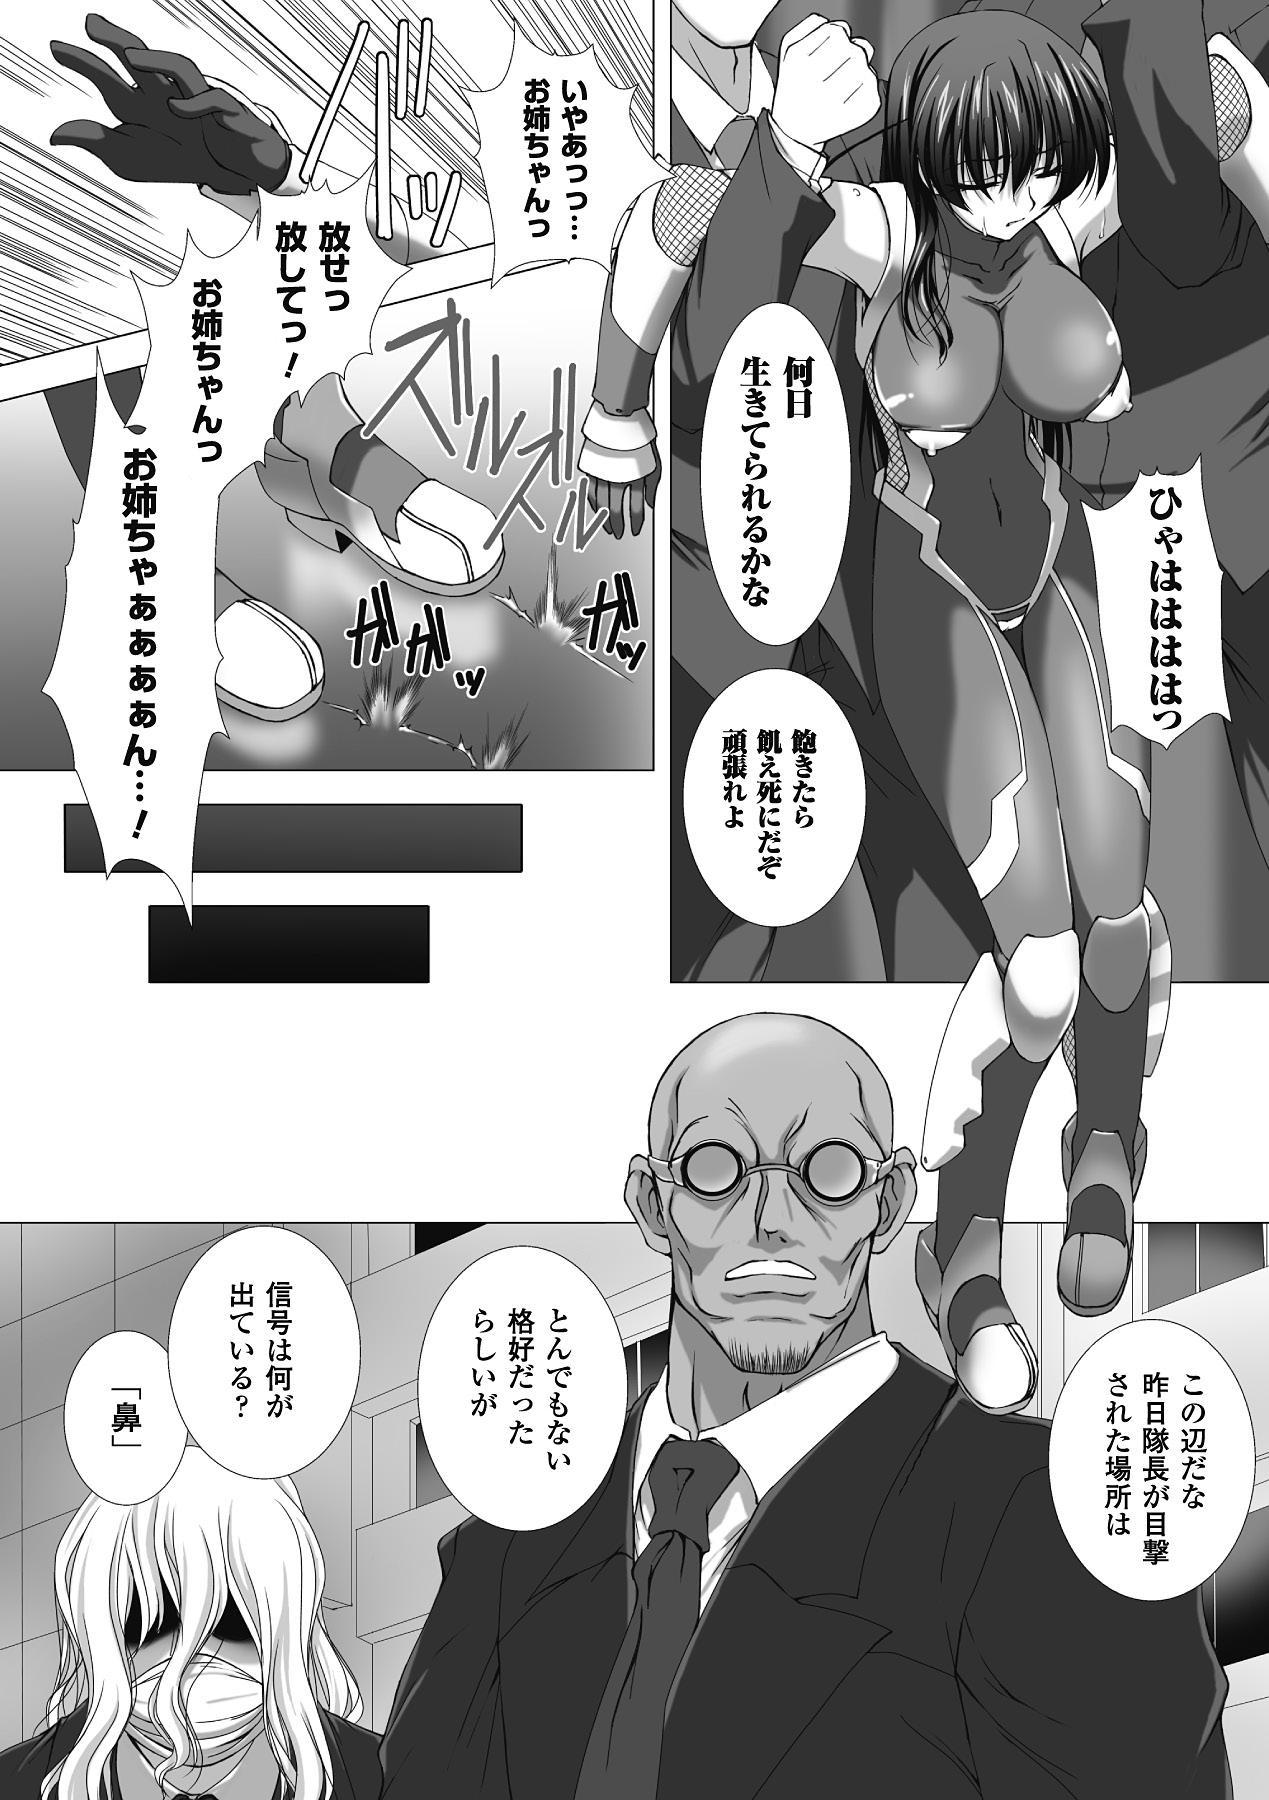 Taimanin Asagi Hajigyaku no Ankokuyuugi THE COMIC 98